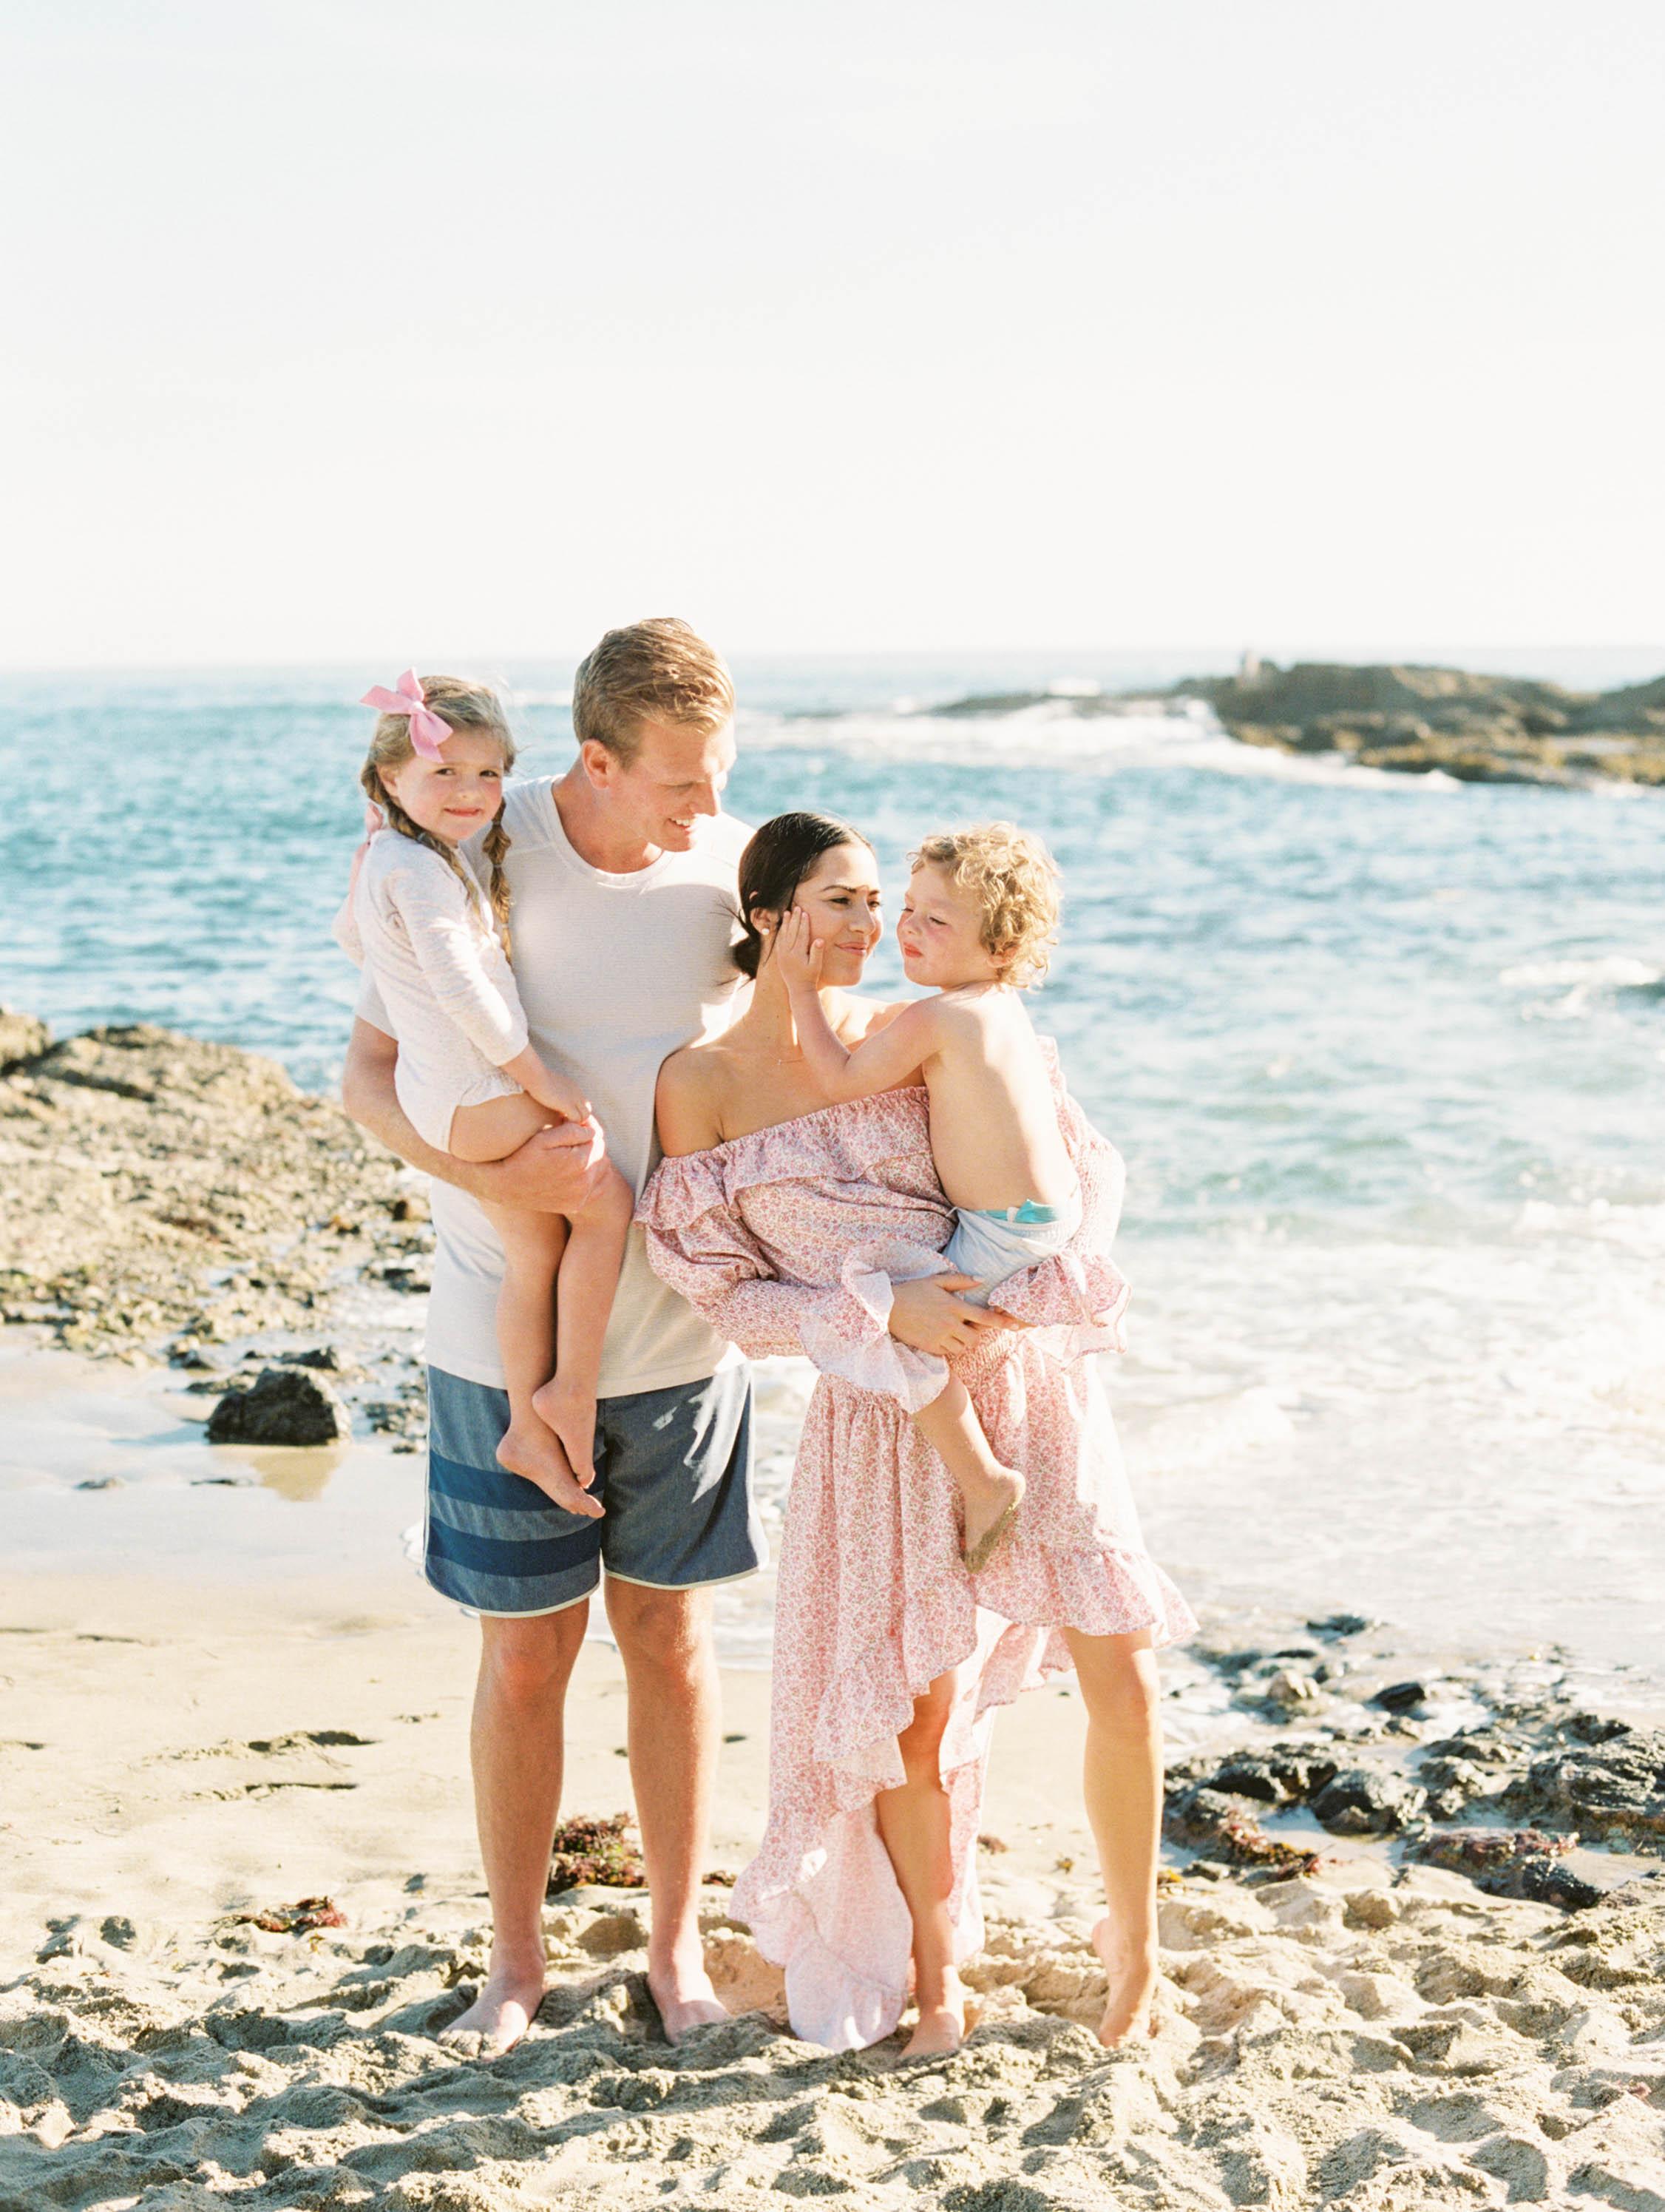 kelsandmichael_family_parcell-3.jpg